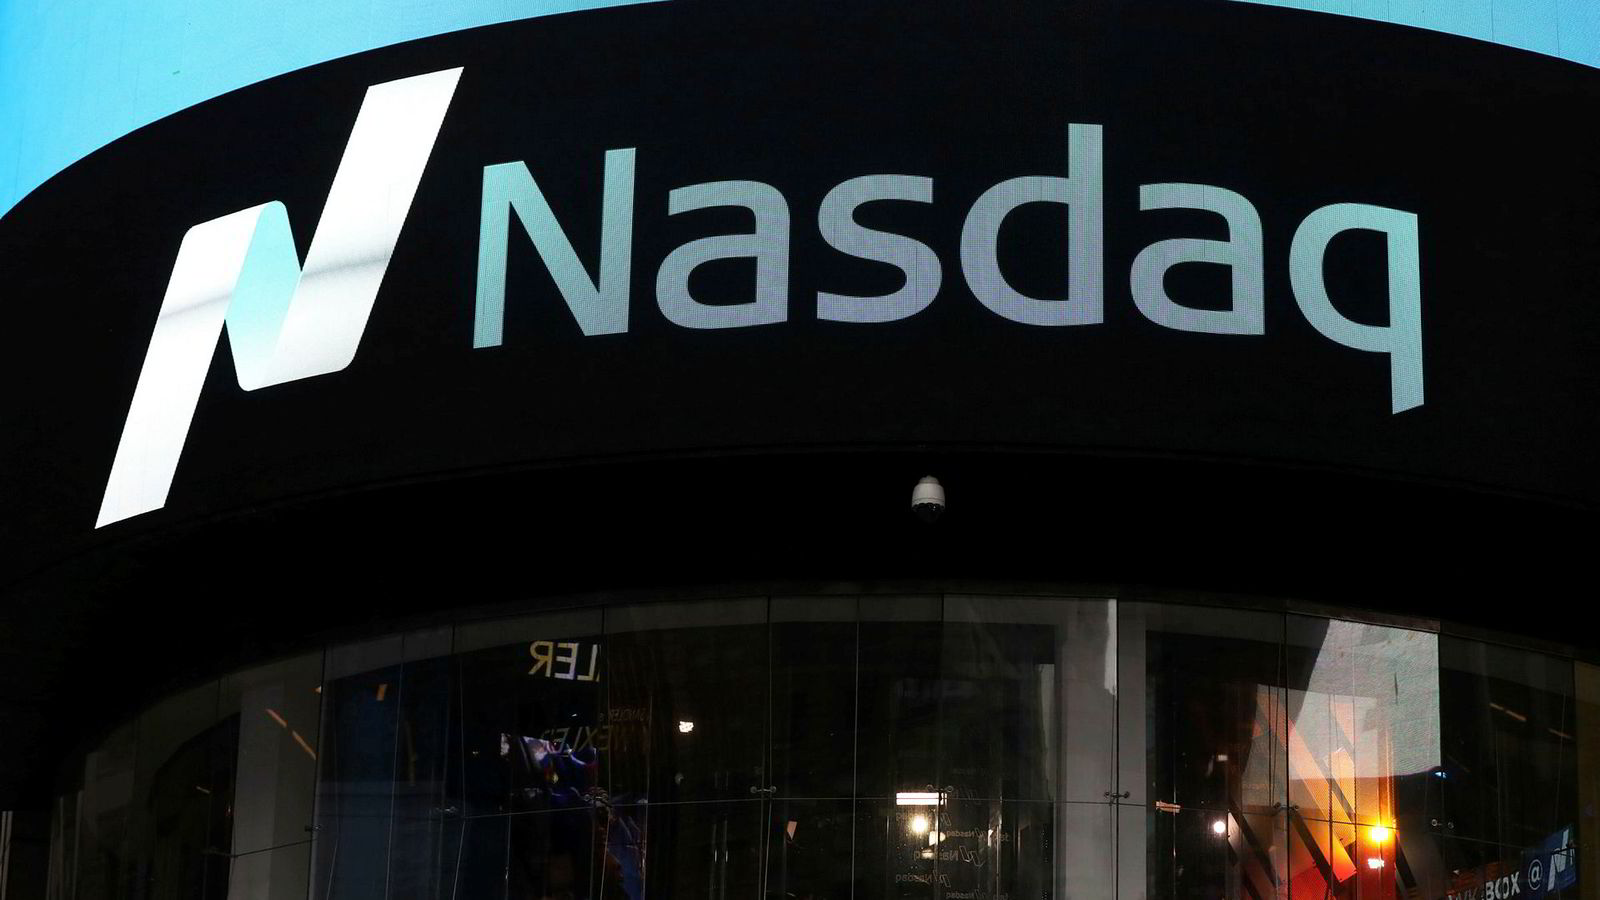 Råvarebørsen Nasdaq og dets medlemmer tapte nær 1,1 milliarder kroner på tvangssalget av kraftposisjonene til Einar Aas. Foto: Shannon Stapleton/Reuters/NTB Scanpix